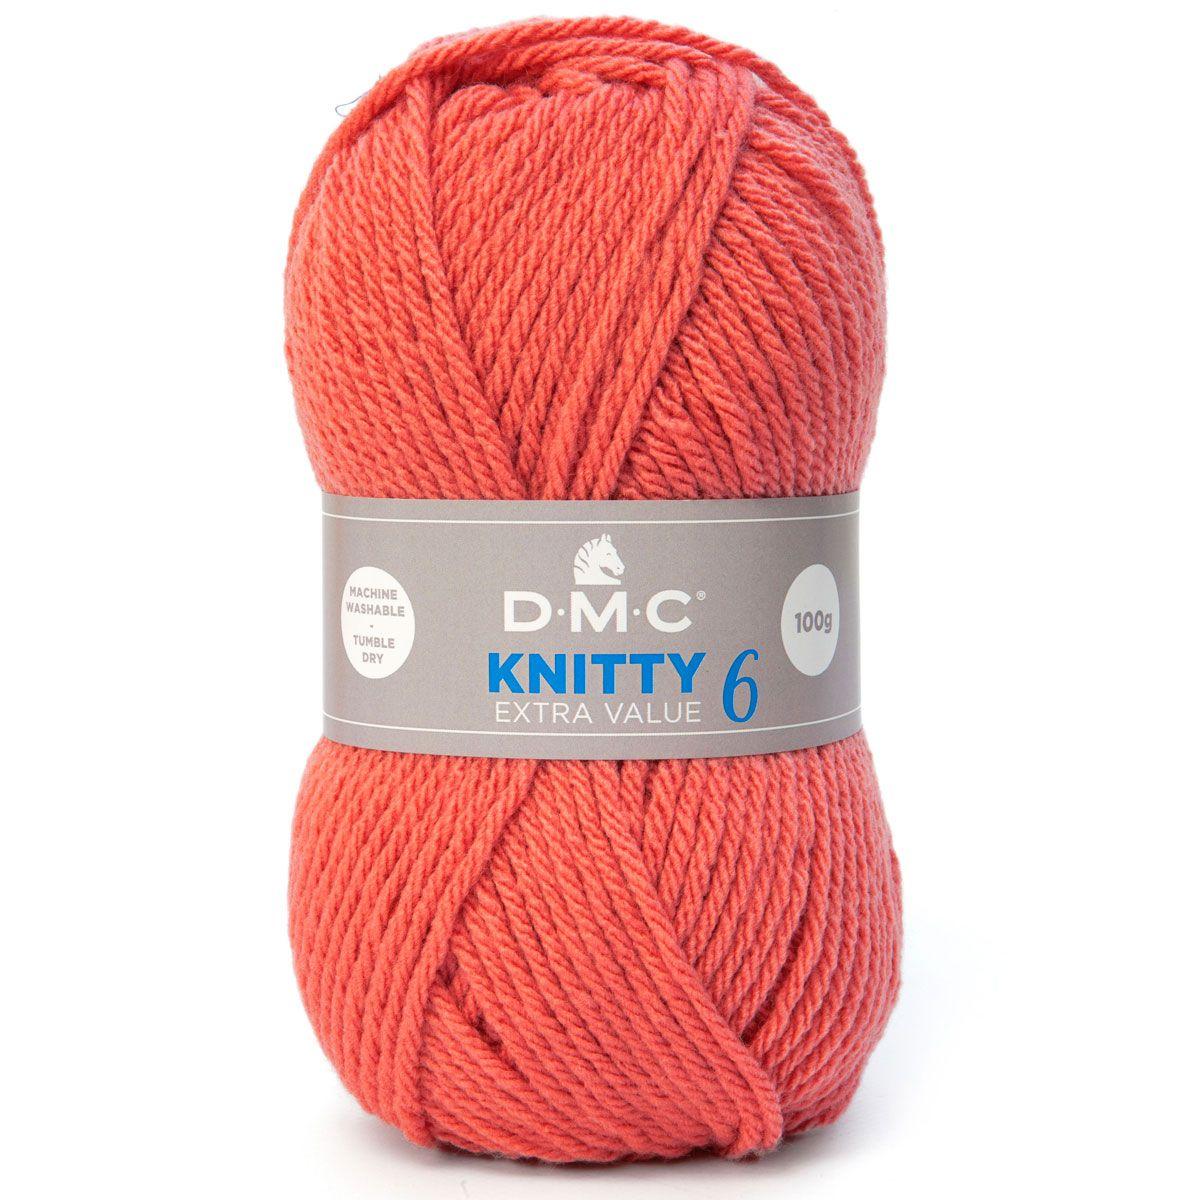 Laine Knitty 6 DMC